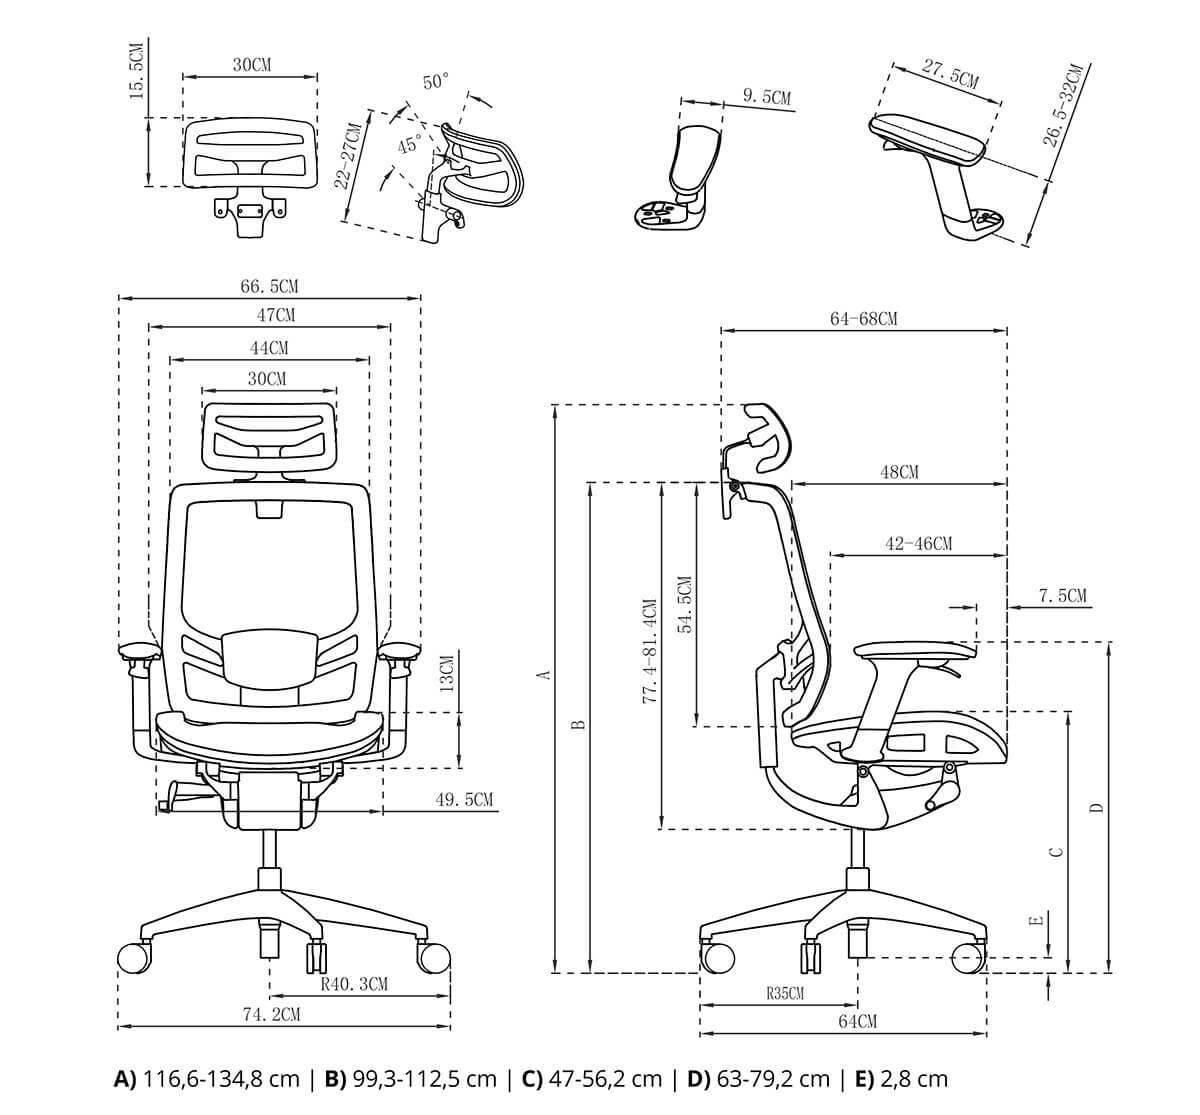 Fotel biurowy Mizar rysunek techniczny